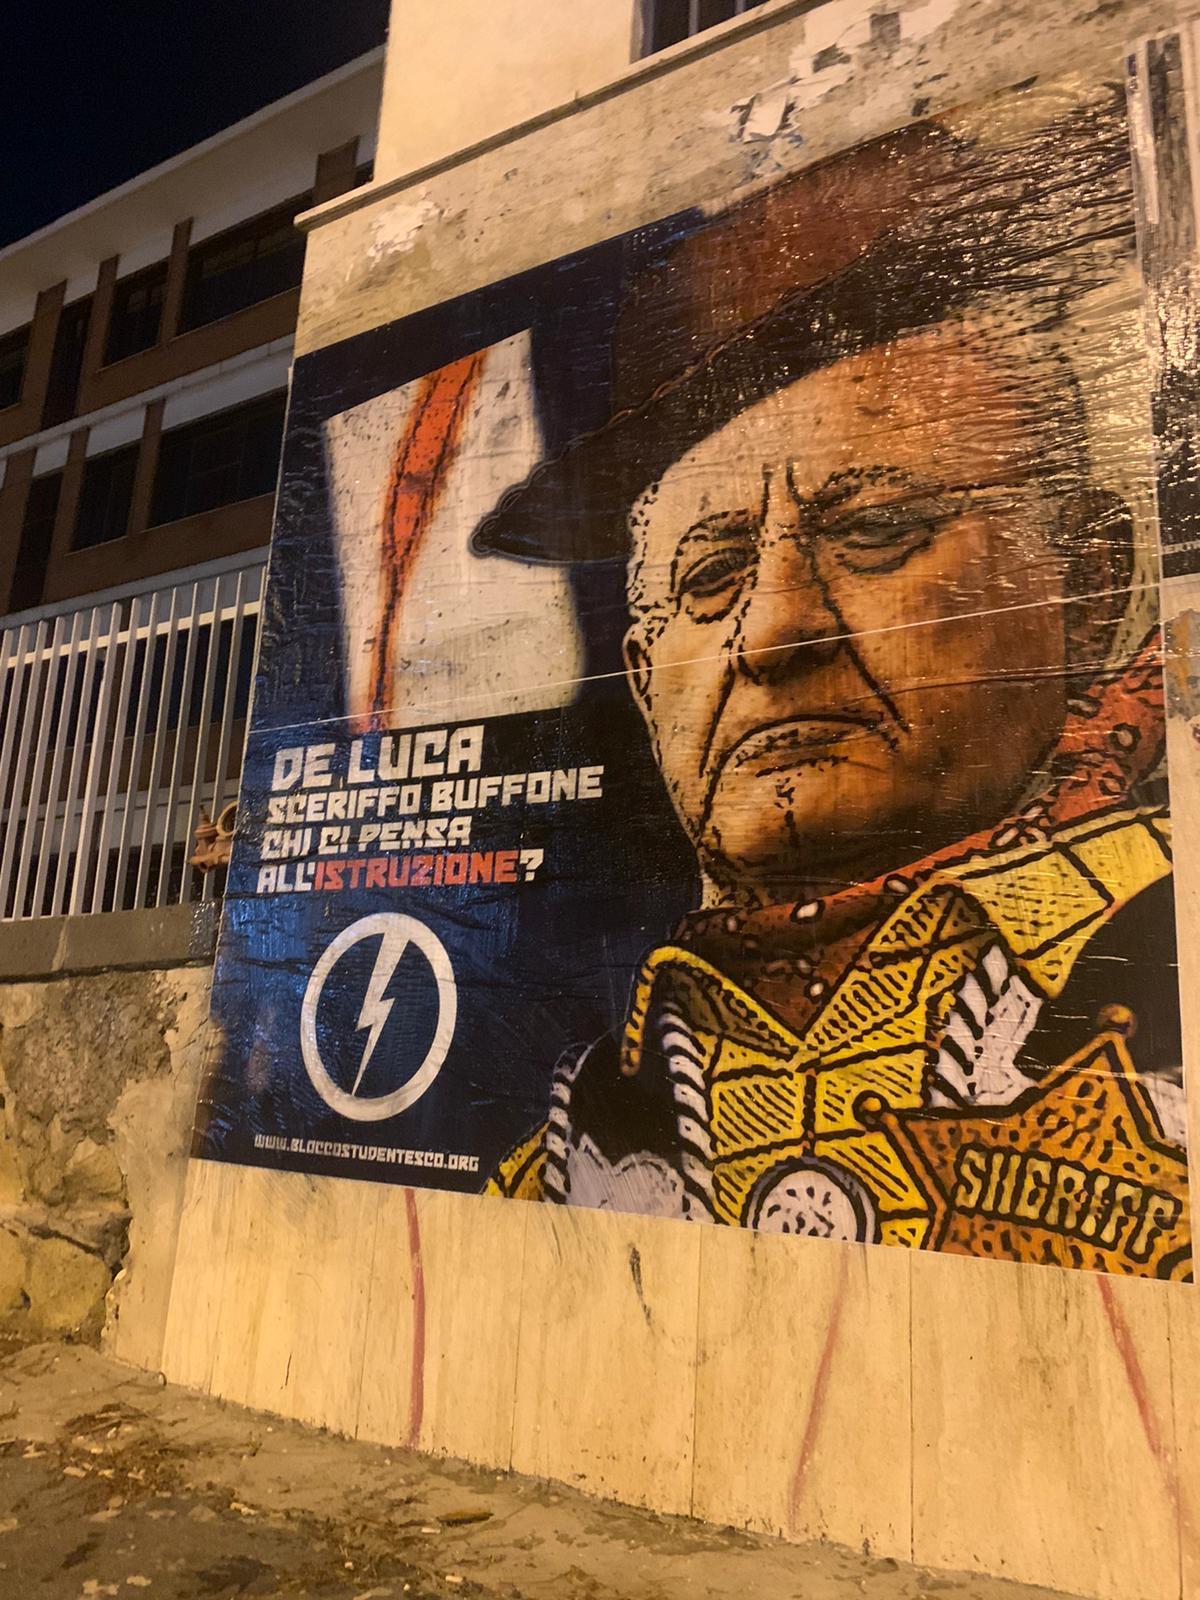 """Studenti campani affiggono manifesti contro De Luca: """"Buffone, chi pensa all'Istruzione?"""""""